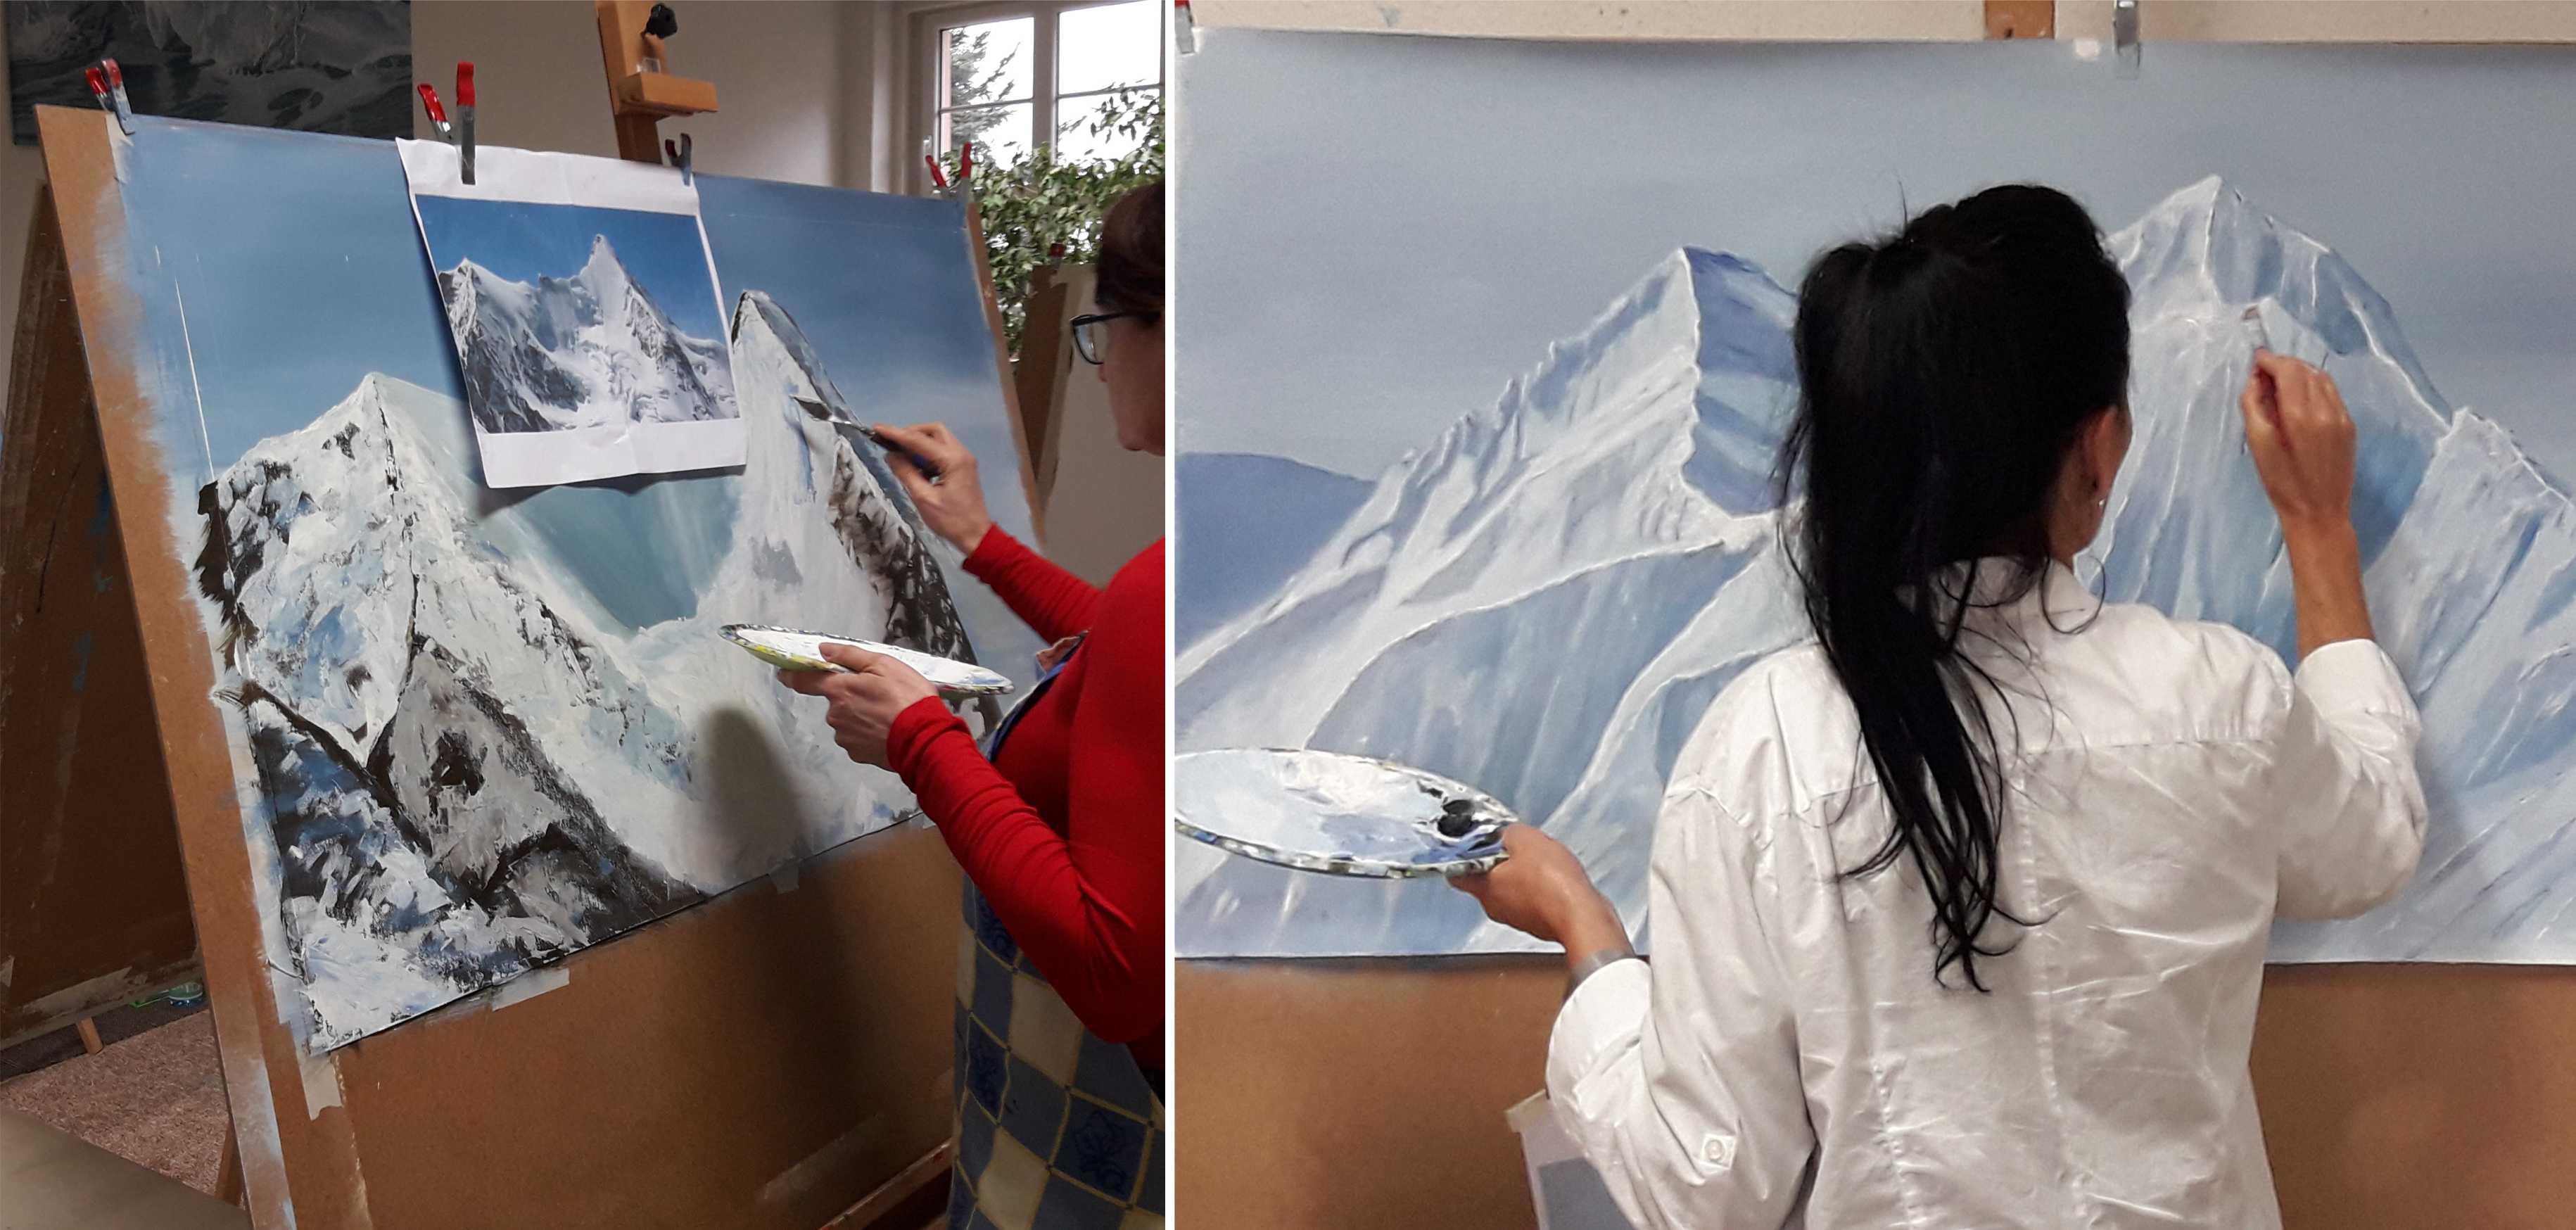 Kurs Wintergebirge für Künstler, Kunstakademie Wertheim, Akademie für Fotorealismus, Atelier Leoni